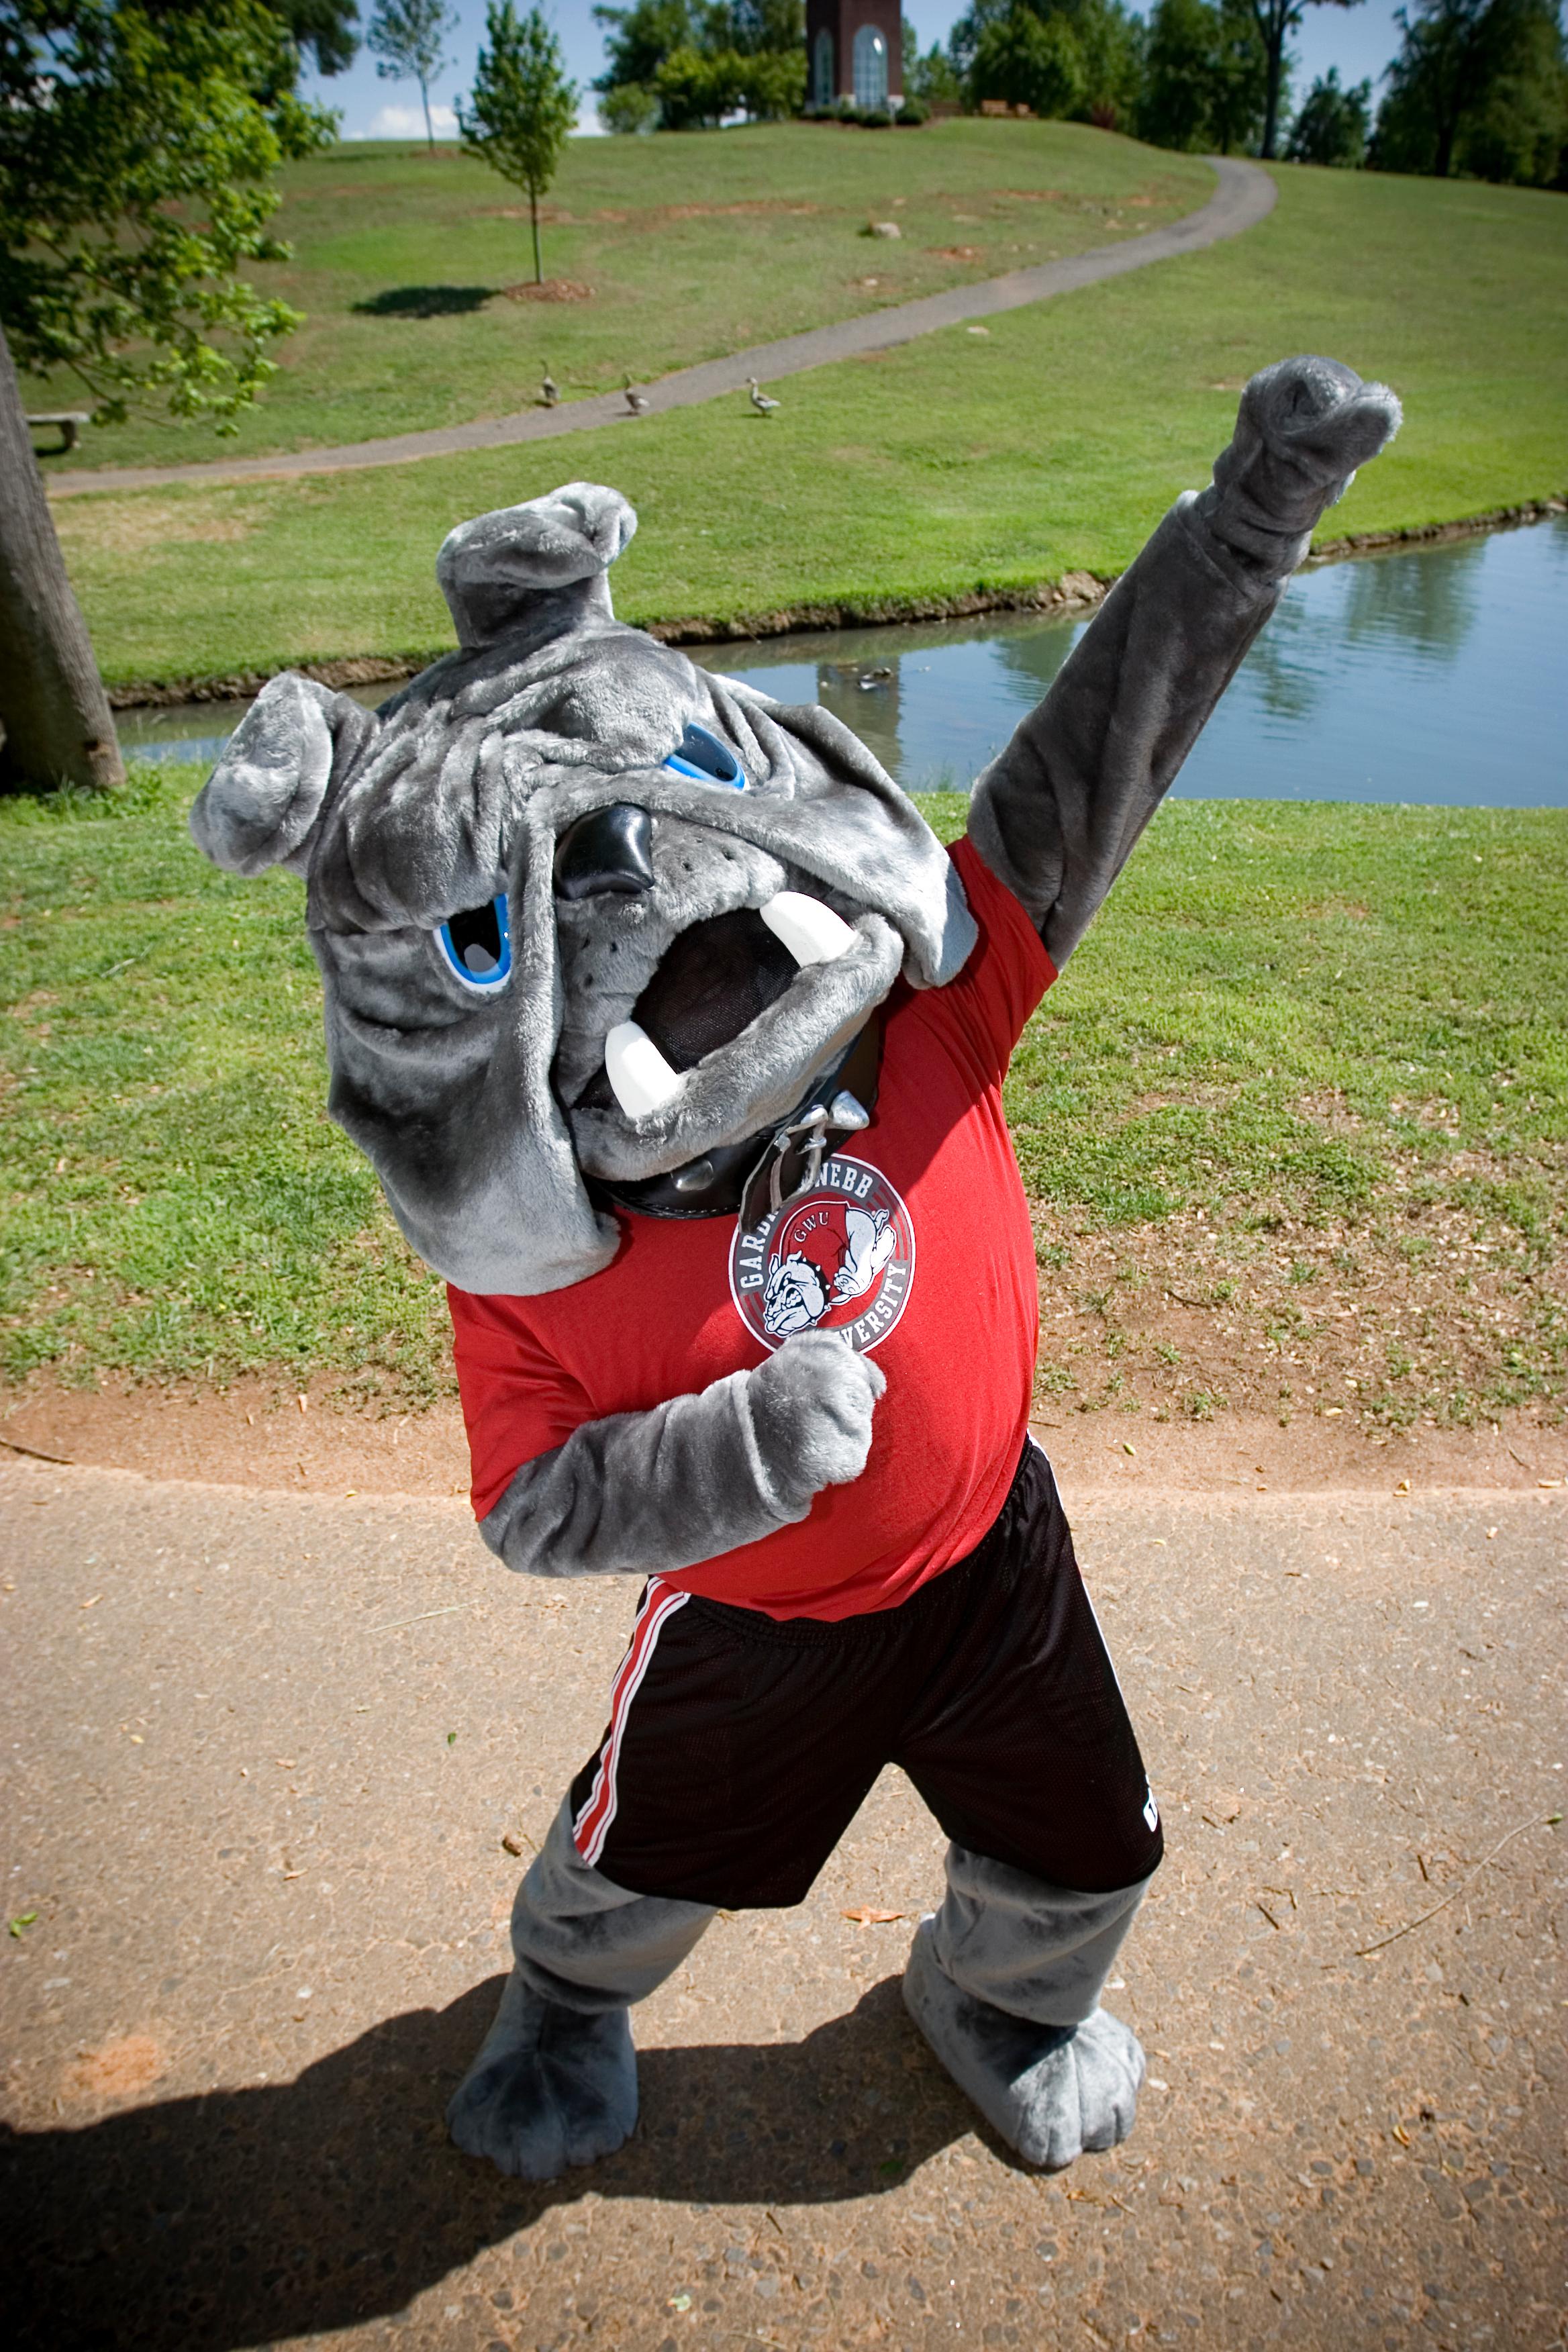 Mac the mascot in 2006.